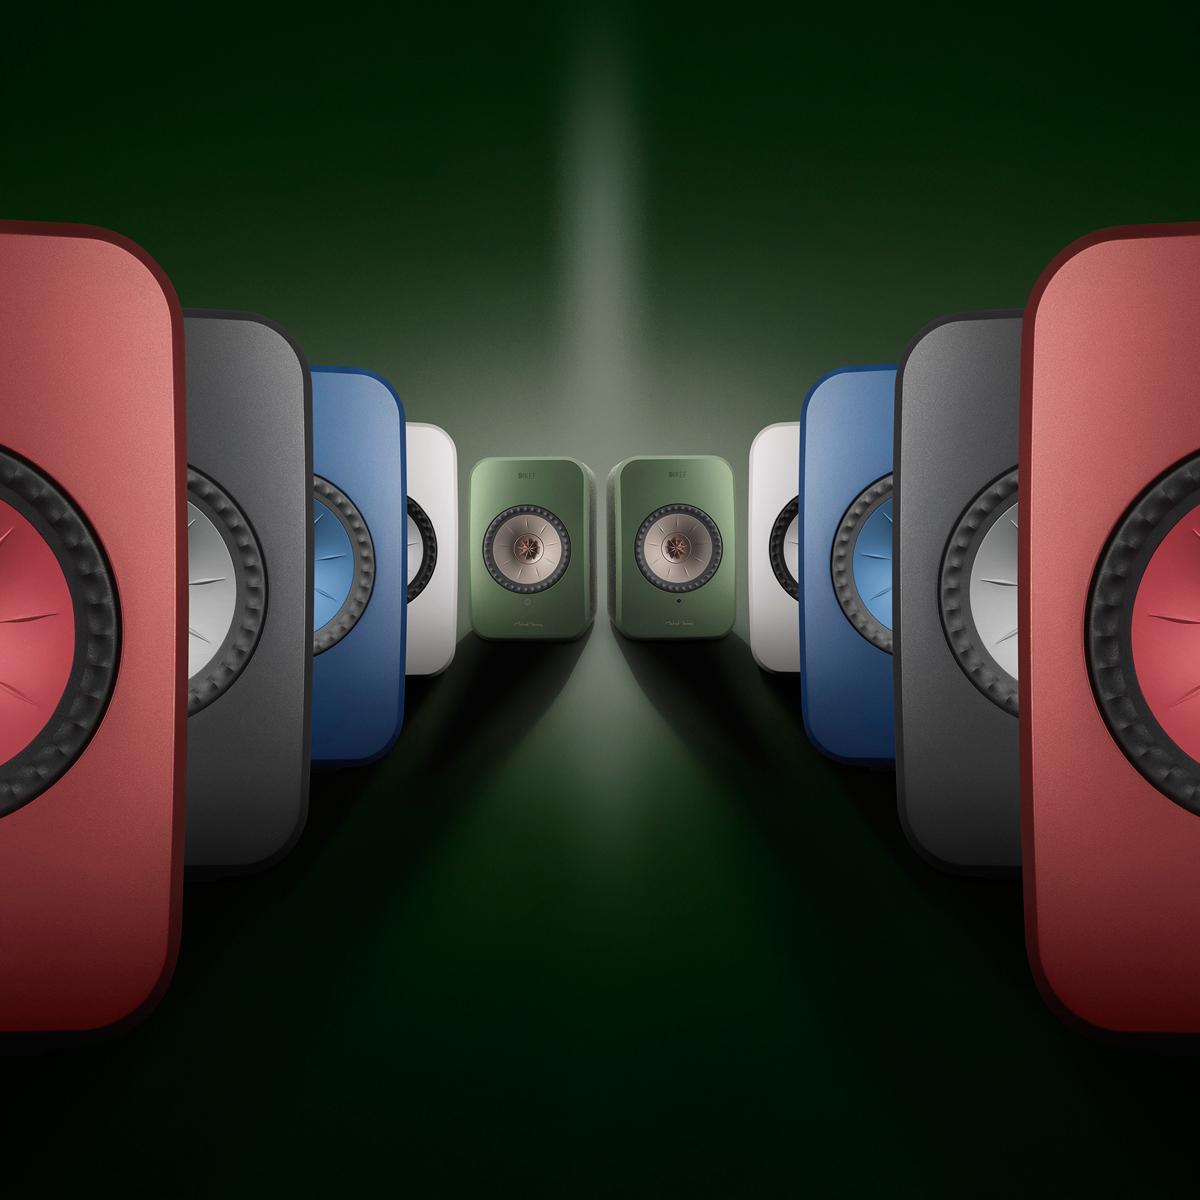 KEFのハイレゾ対応フルワイヤレススピーカー「LSX」はスピーカーっぽくないデザインが魅力的!